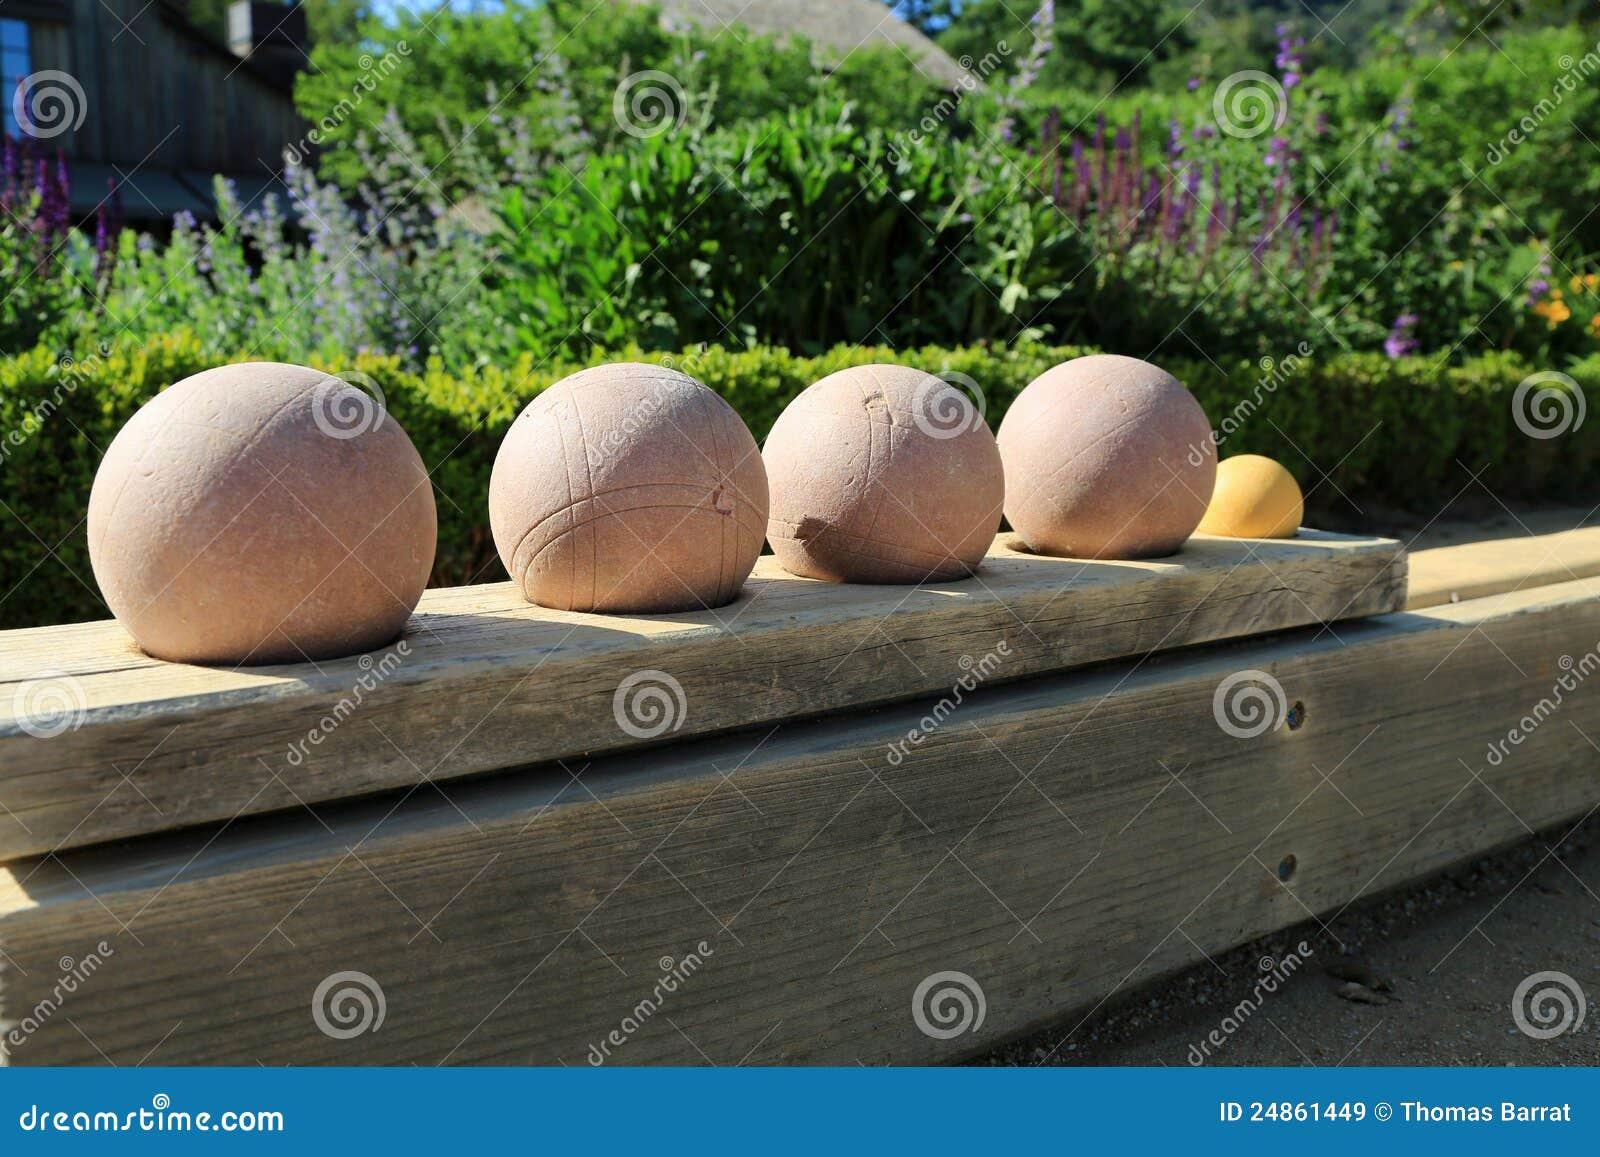 Esferas de bocce bonitas prontas para o jogo